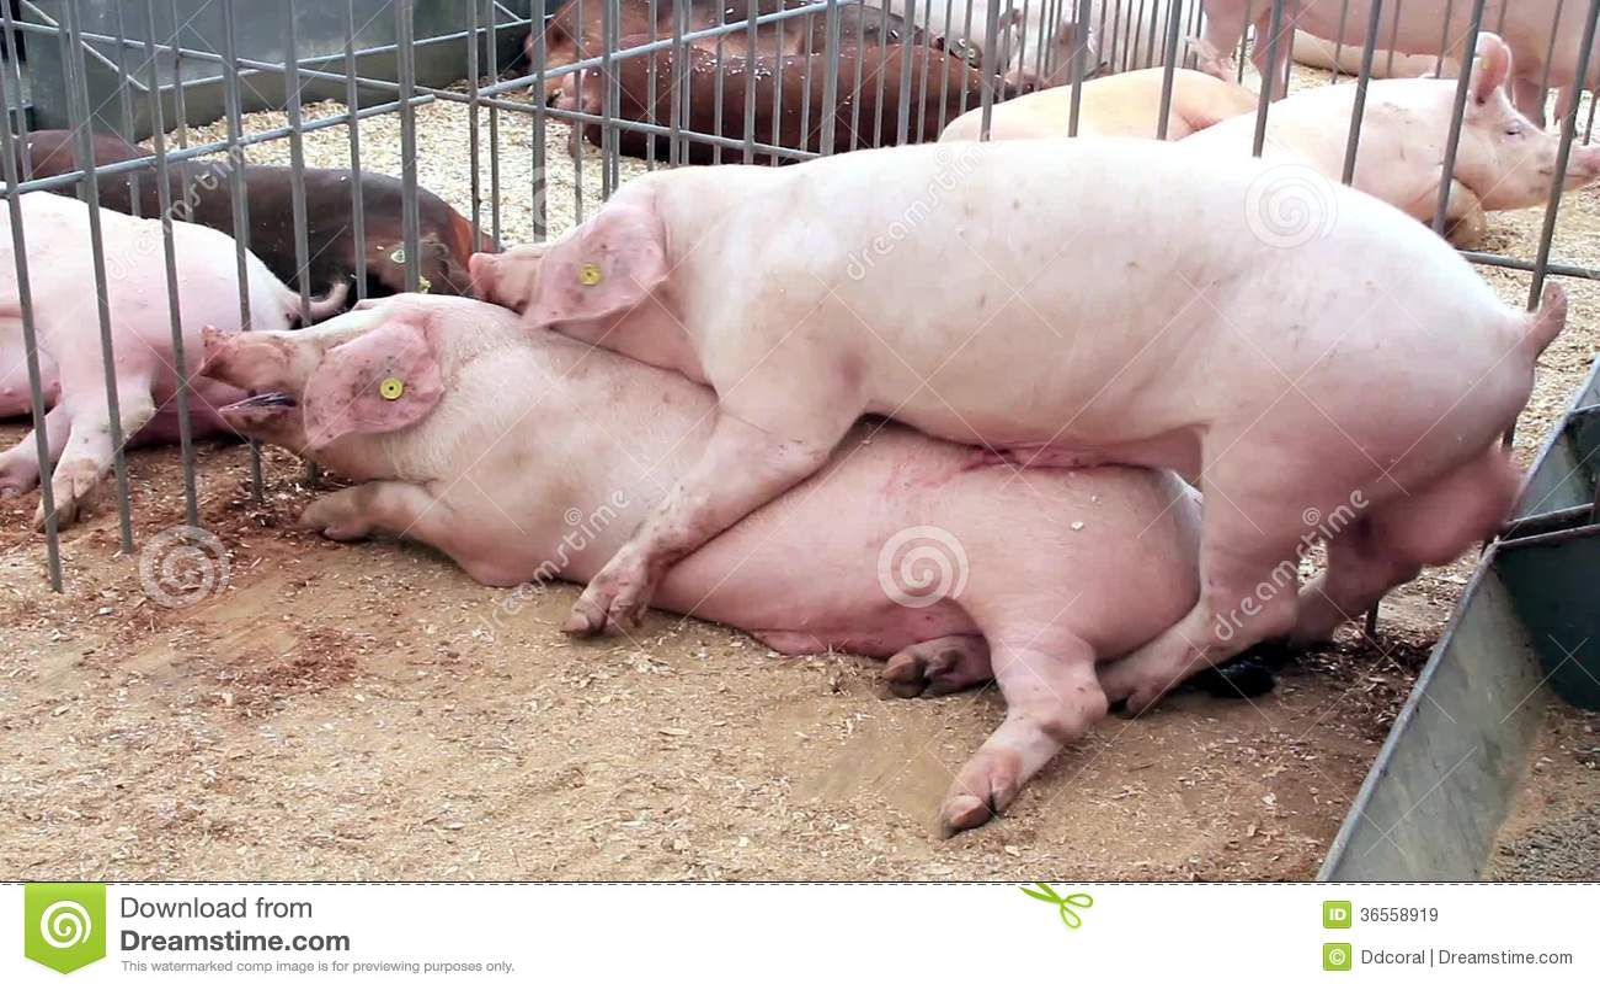 Siros, Acostado, Actuación - Conceptos, Agricultura, Animal